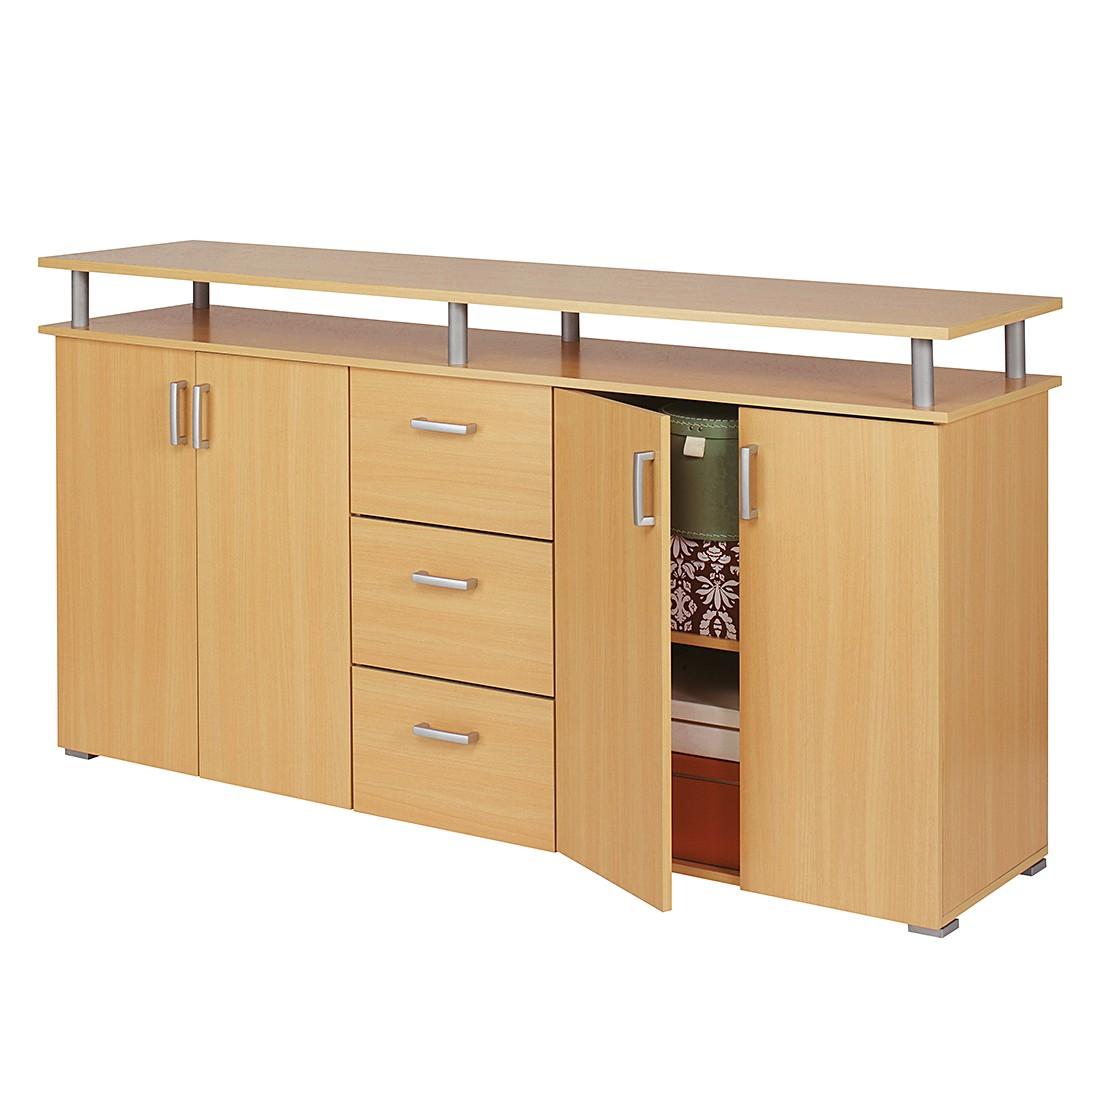 sideboard buche preise und vergleich sideboard buche. Black Bedroom Furniture Sets. Home Design Ideas